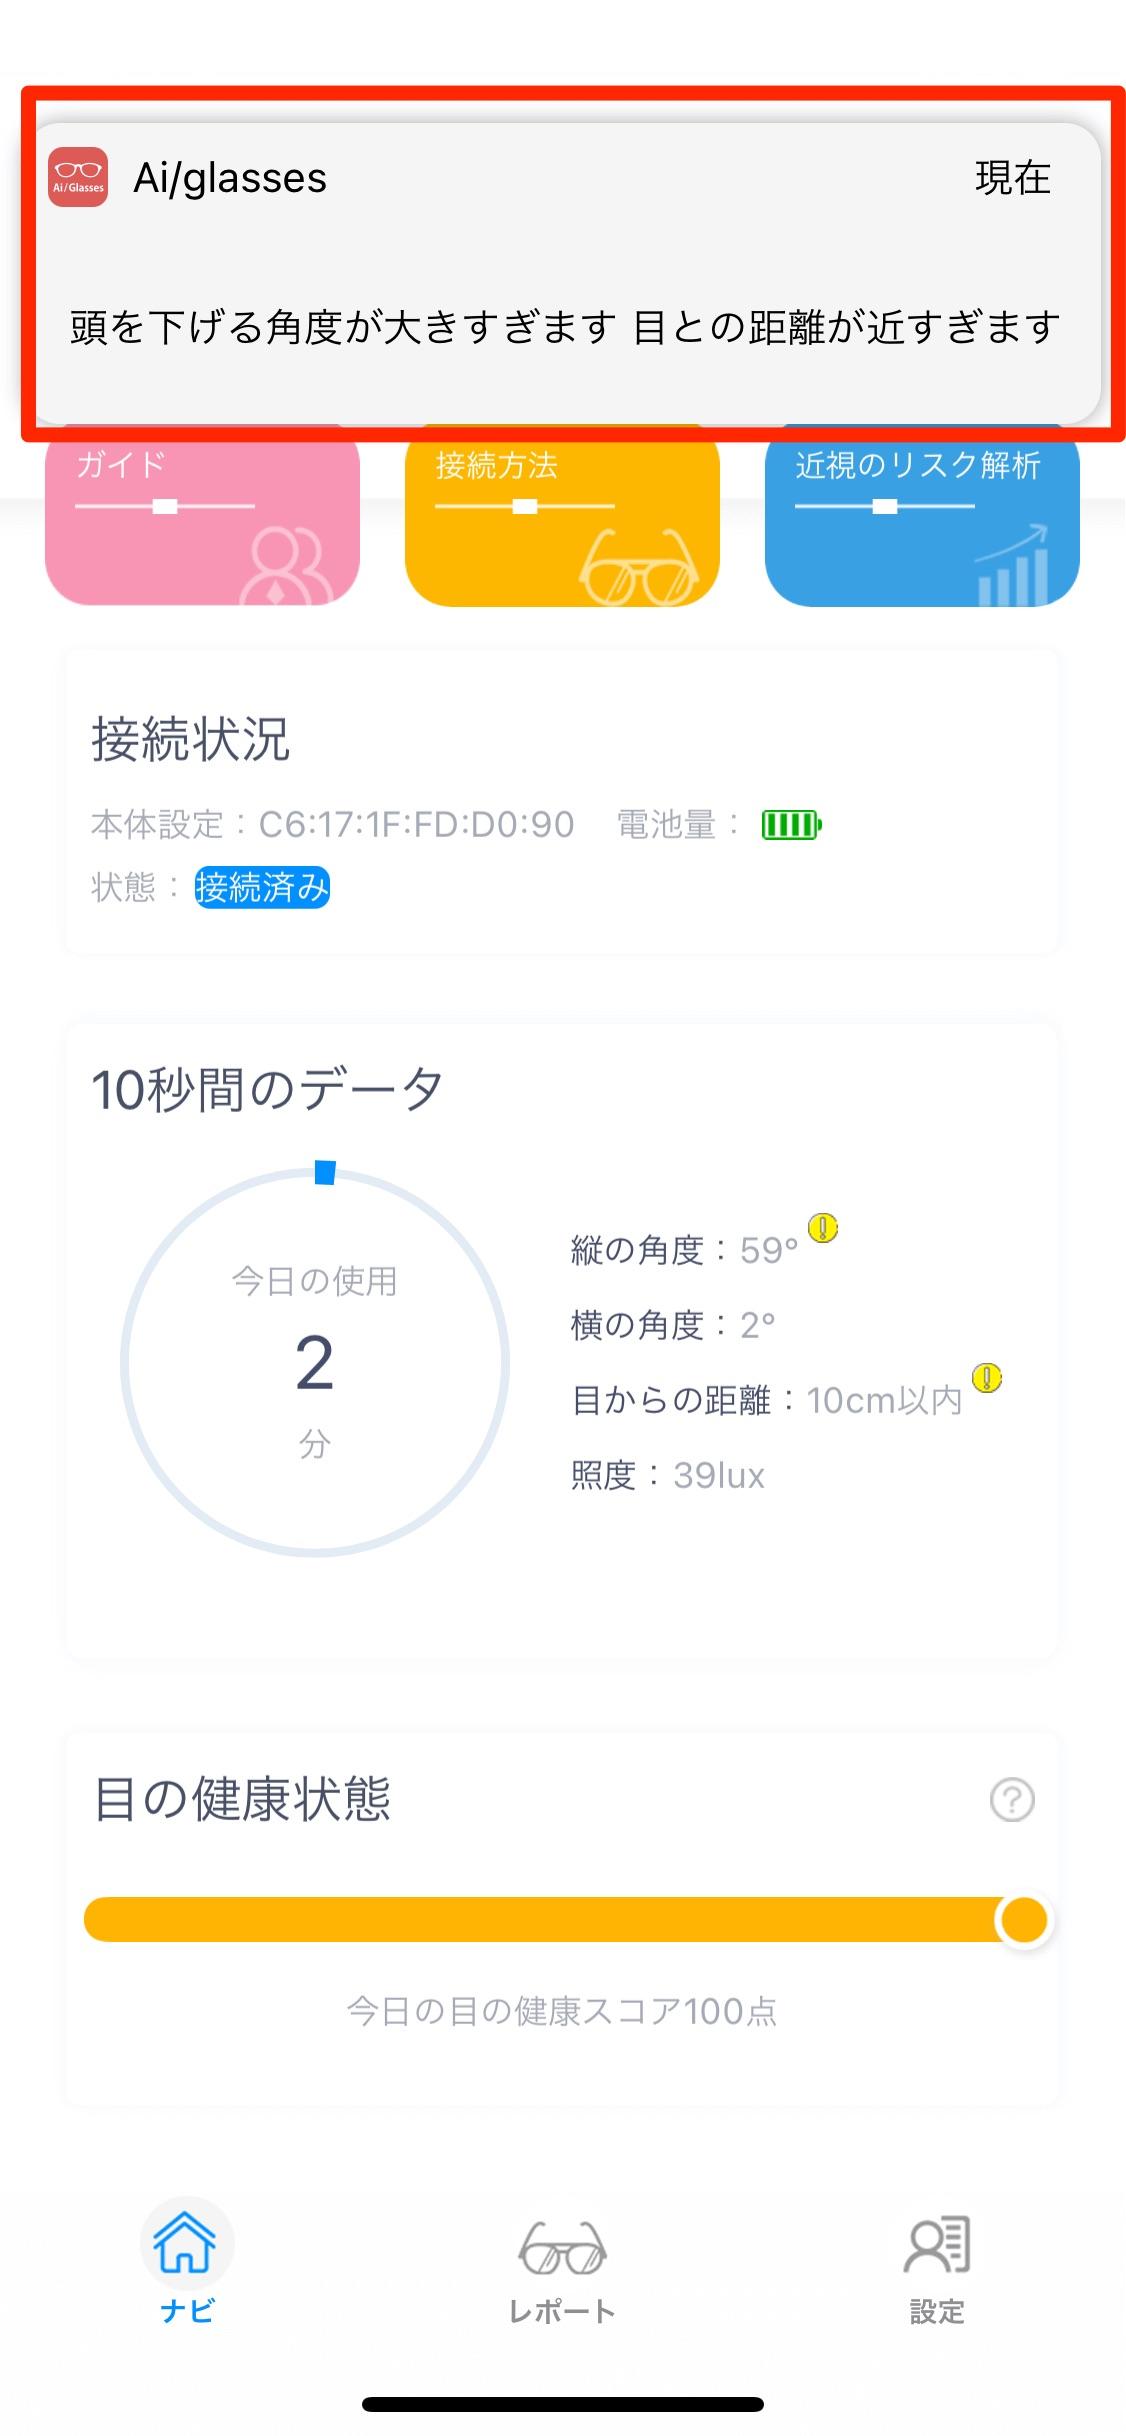 Ai/Glassesアプリ画面